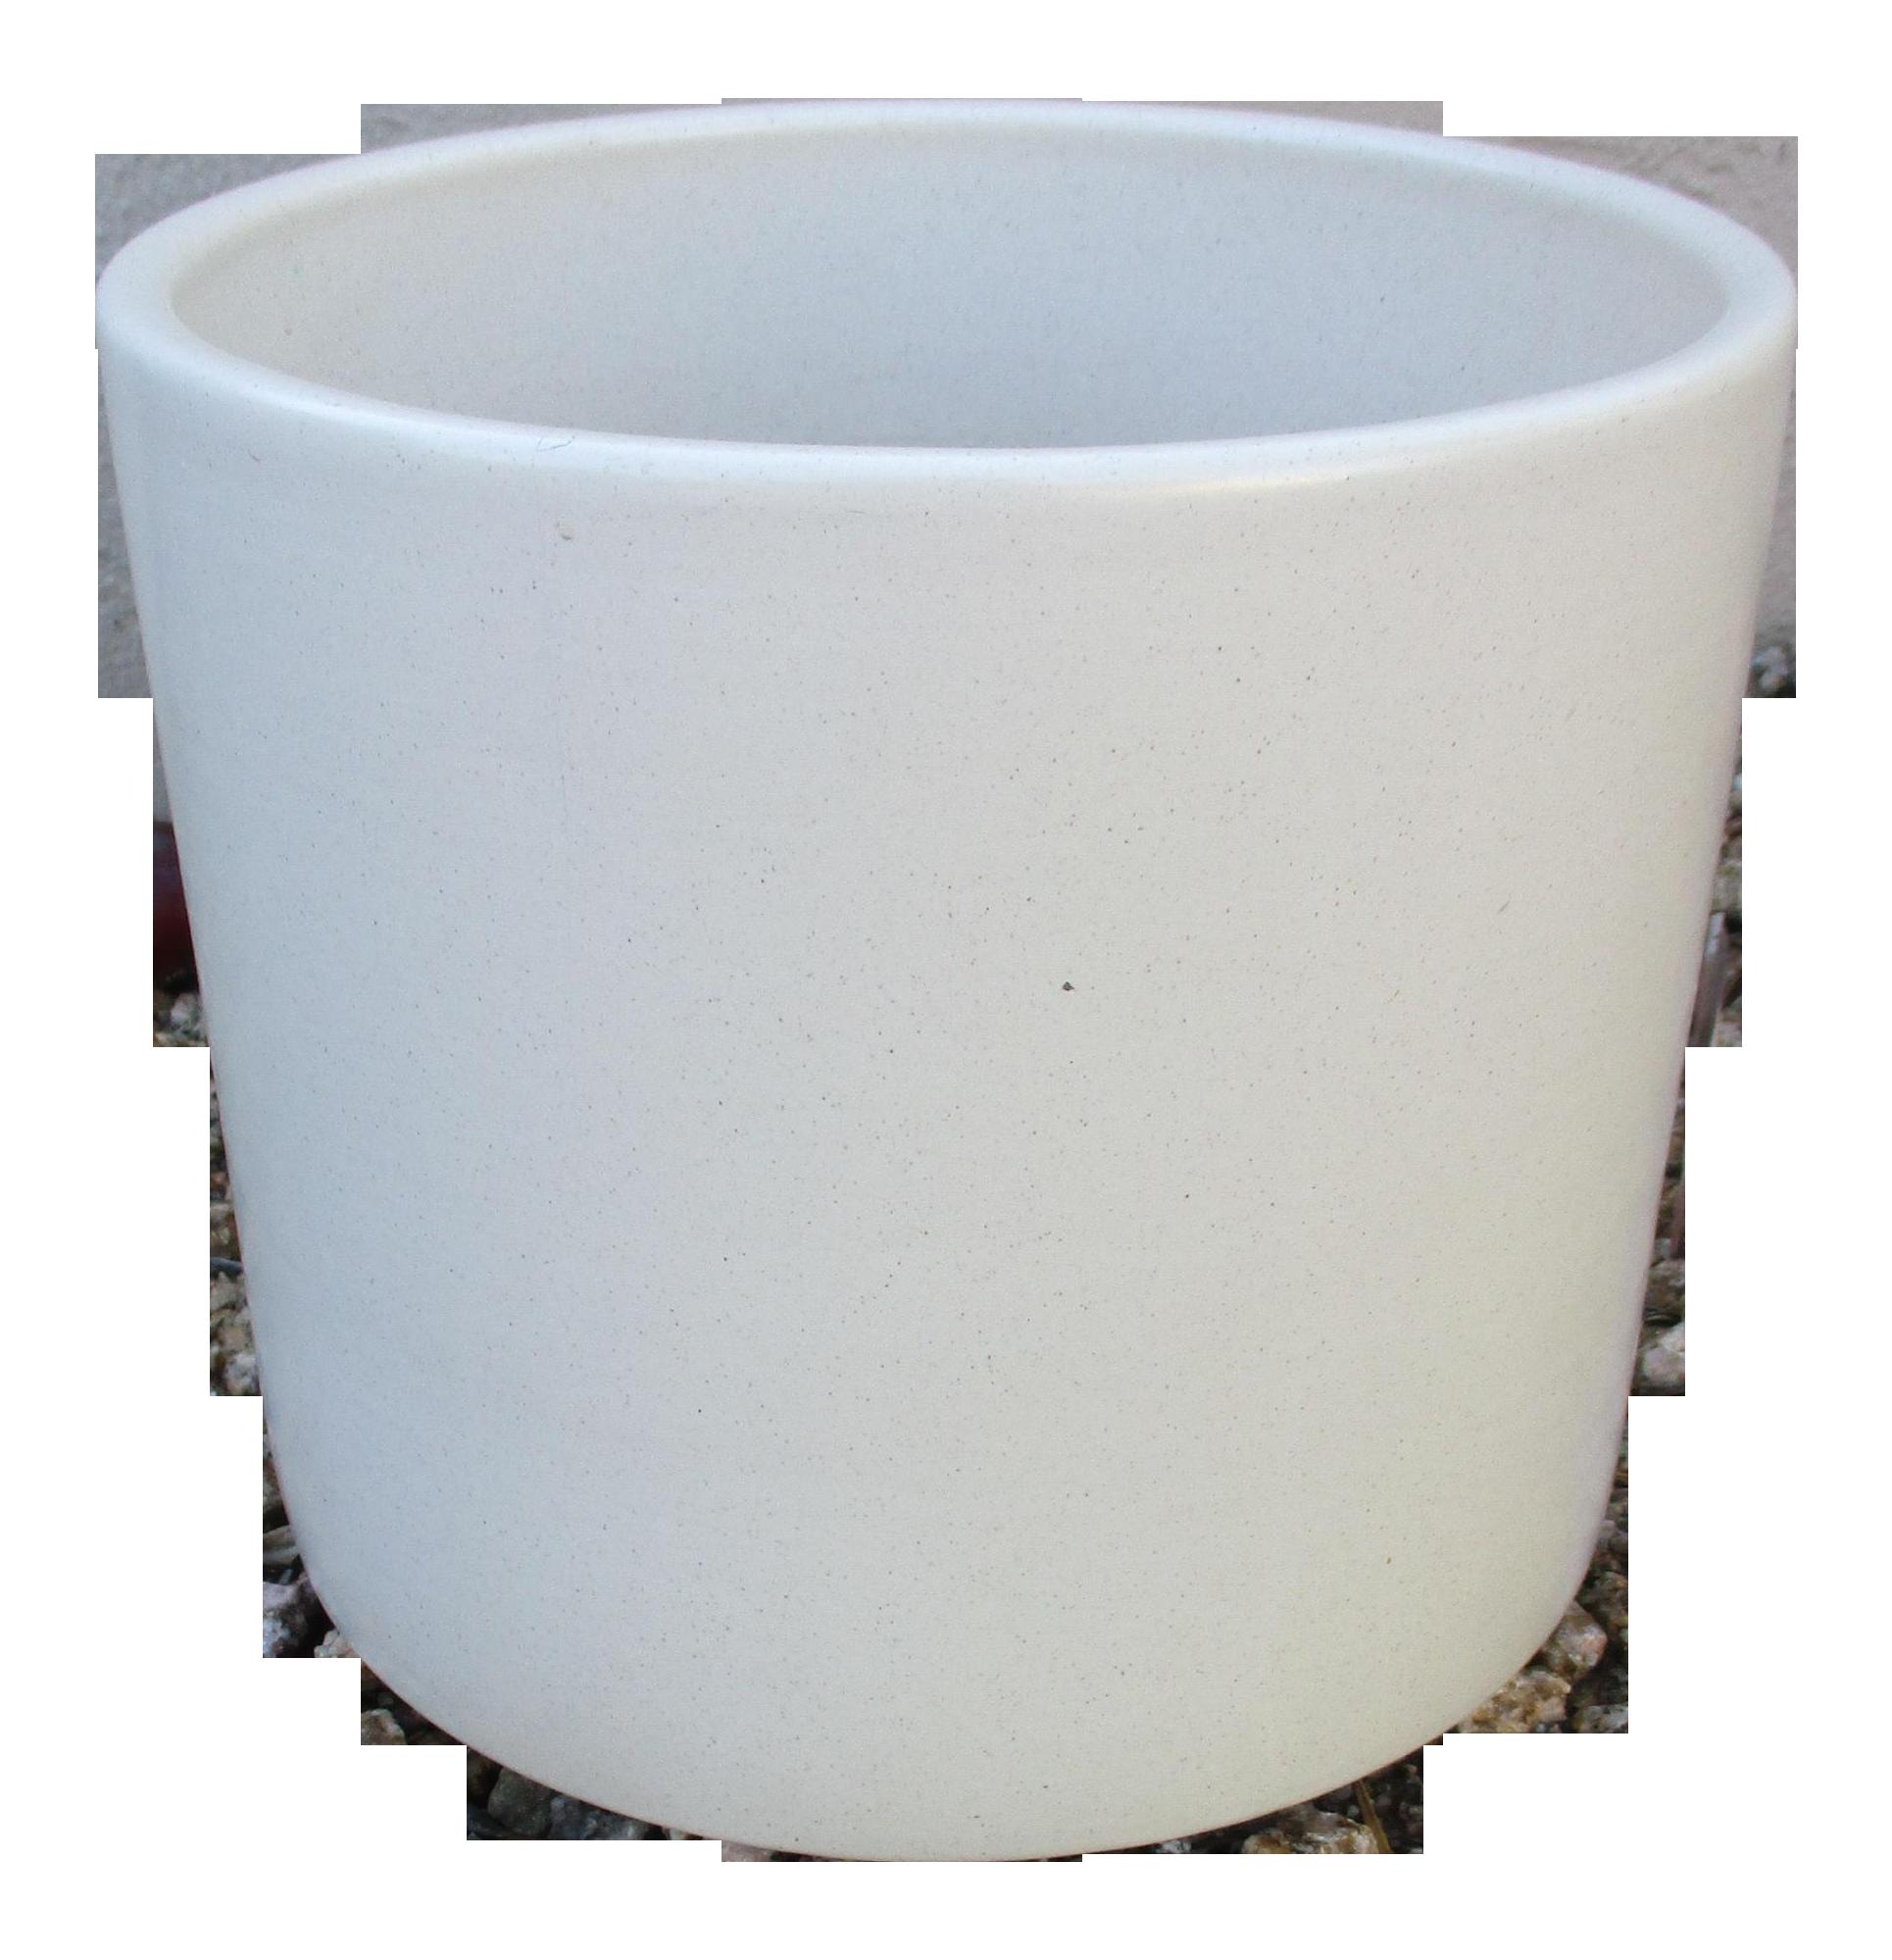 Gainey Ceramics Mid Century Modern White Ceramic Planter Chairish